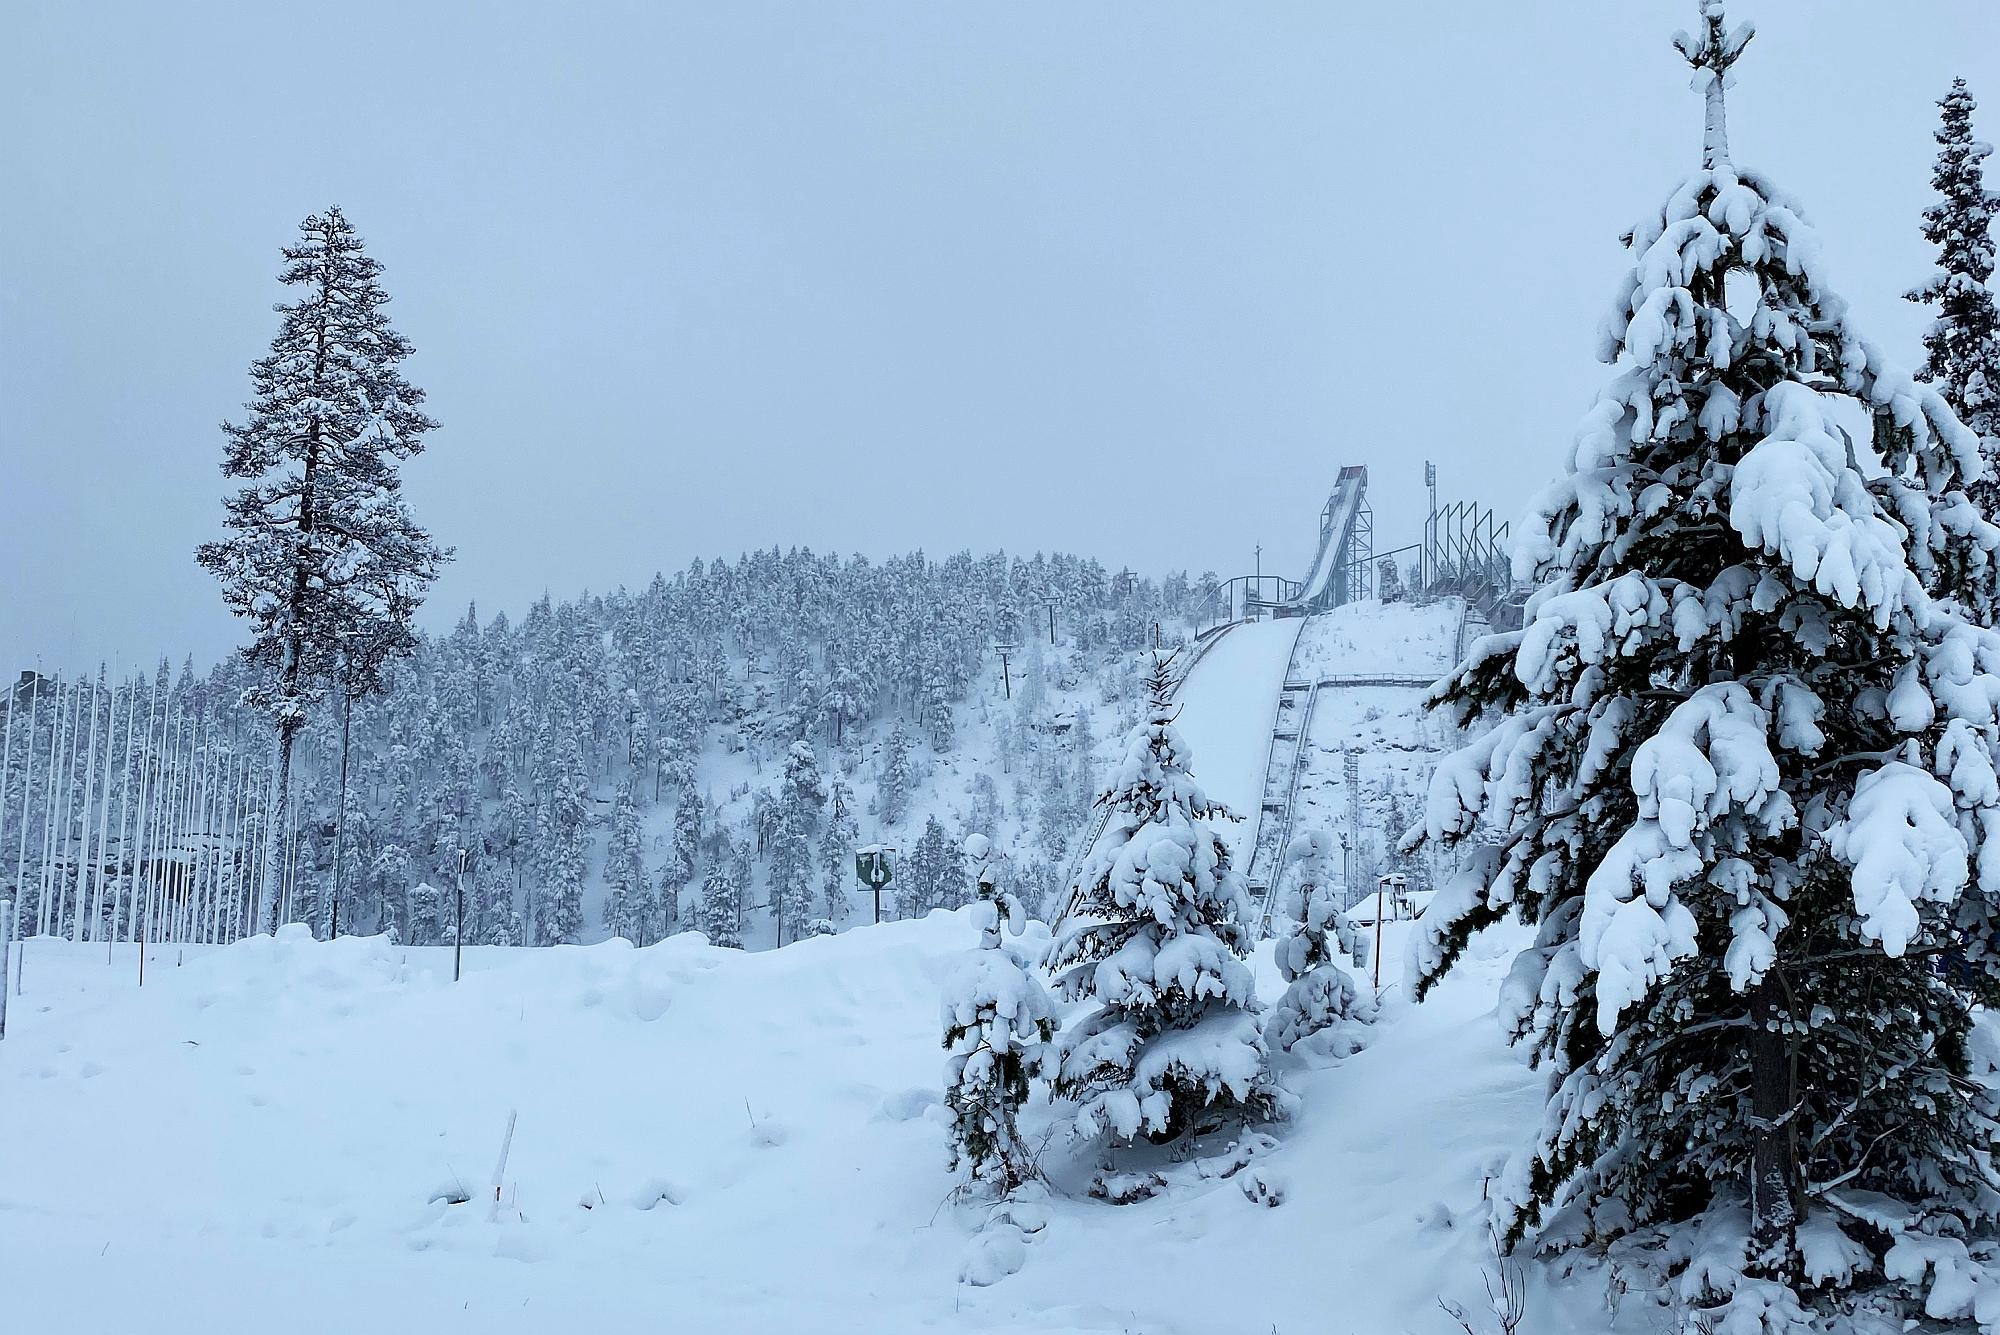 Zima zawitała do Finlandii. Skocznie w Ruce i Rovaniemi już pokryte śniegiem [WIDEO]